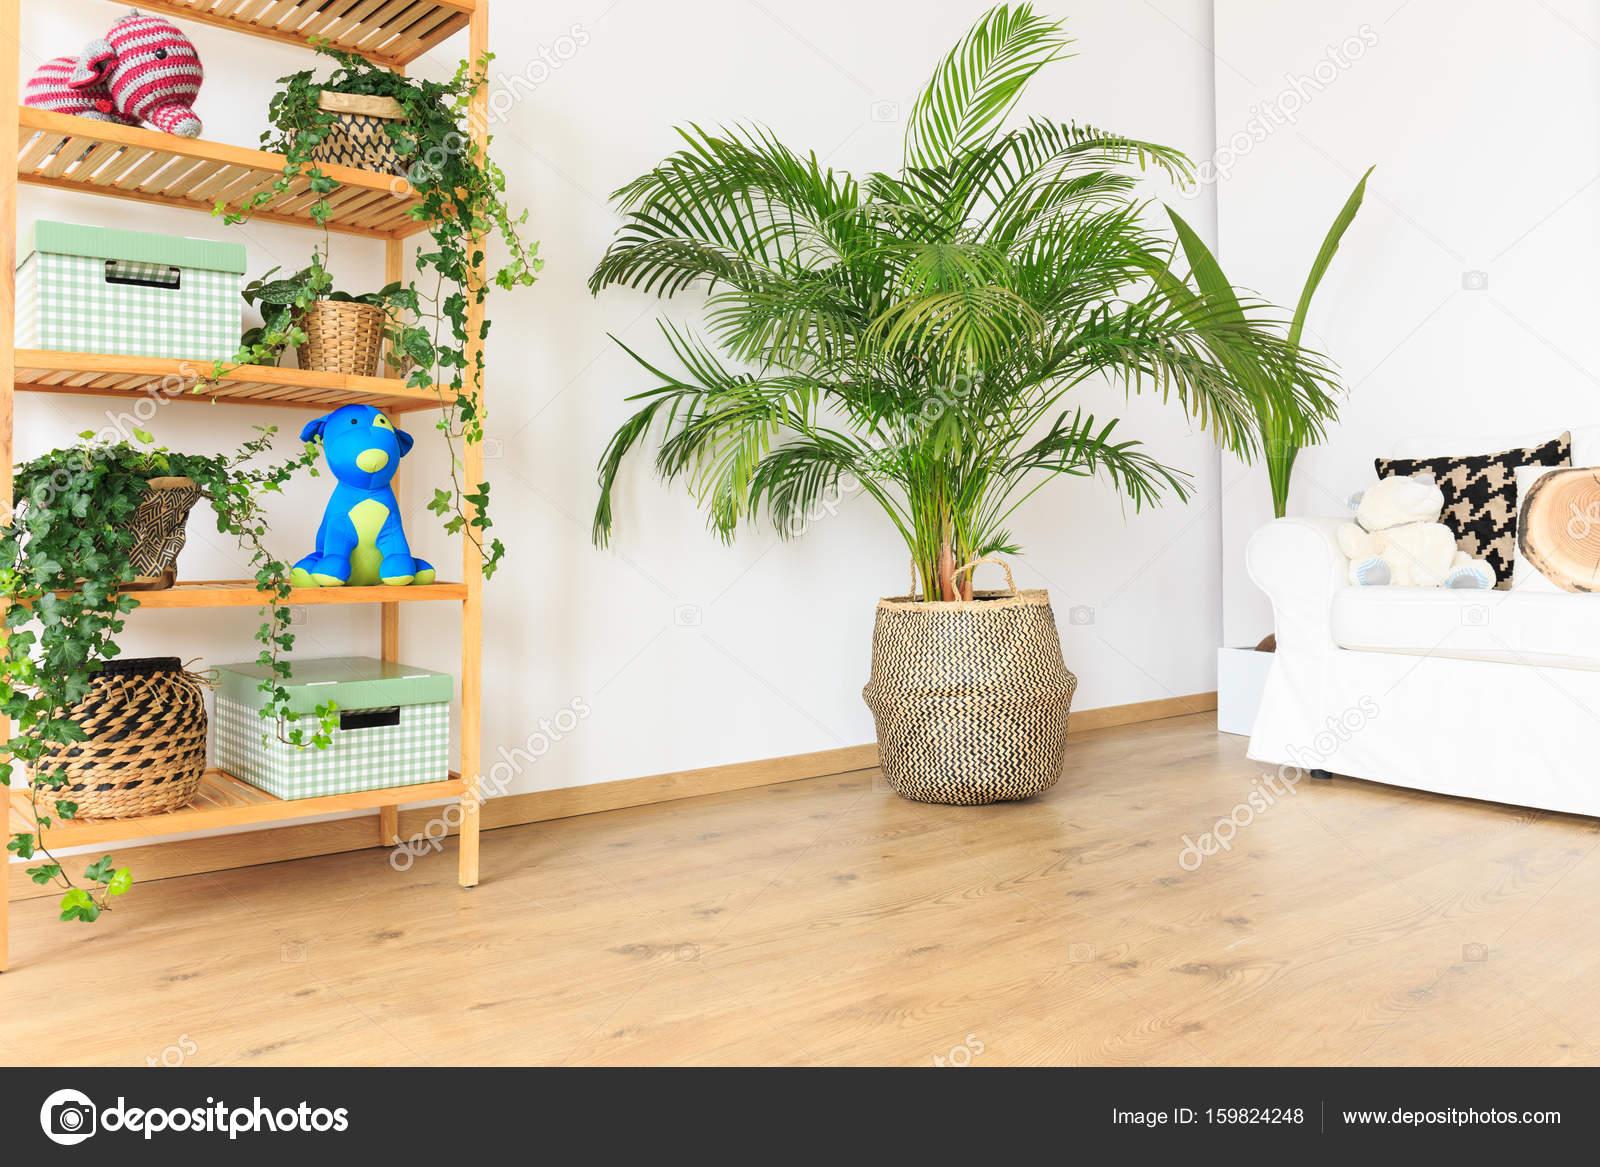 Grote Plant Woonkamer : Grote woonkamer plant wij houden ervan planten in het interieur